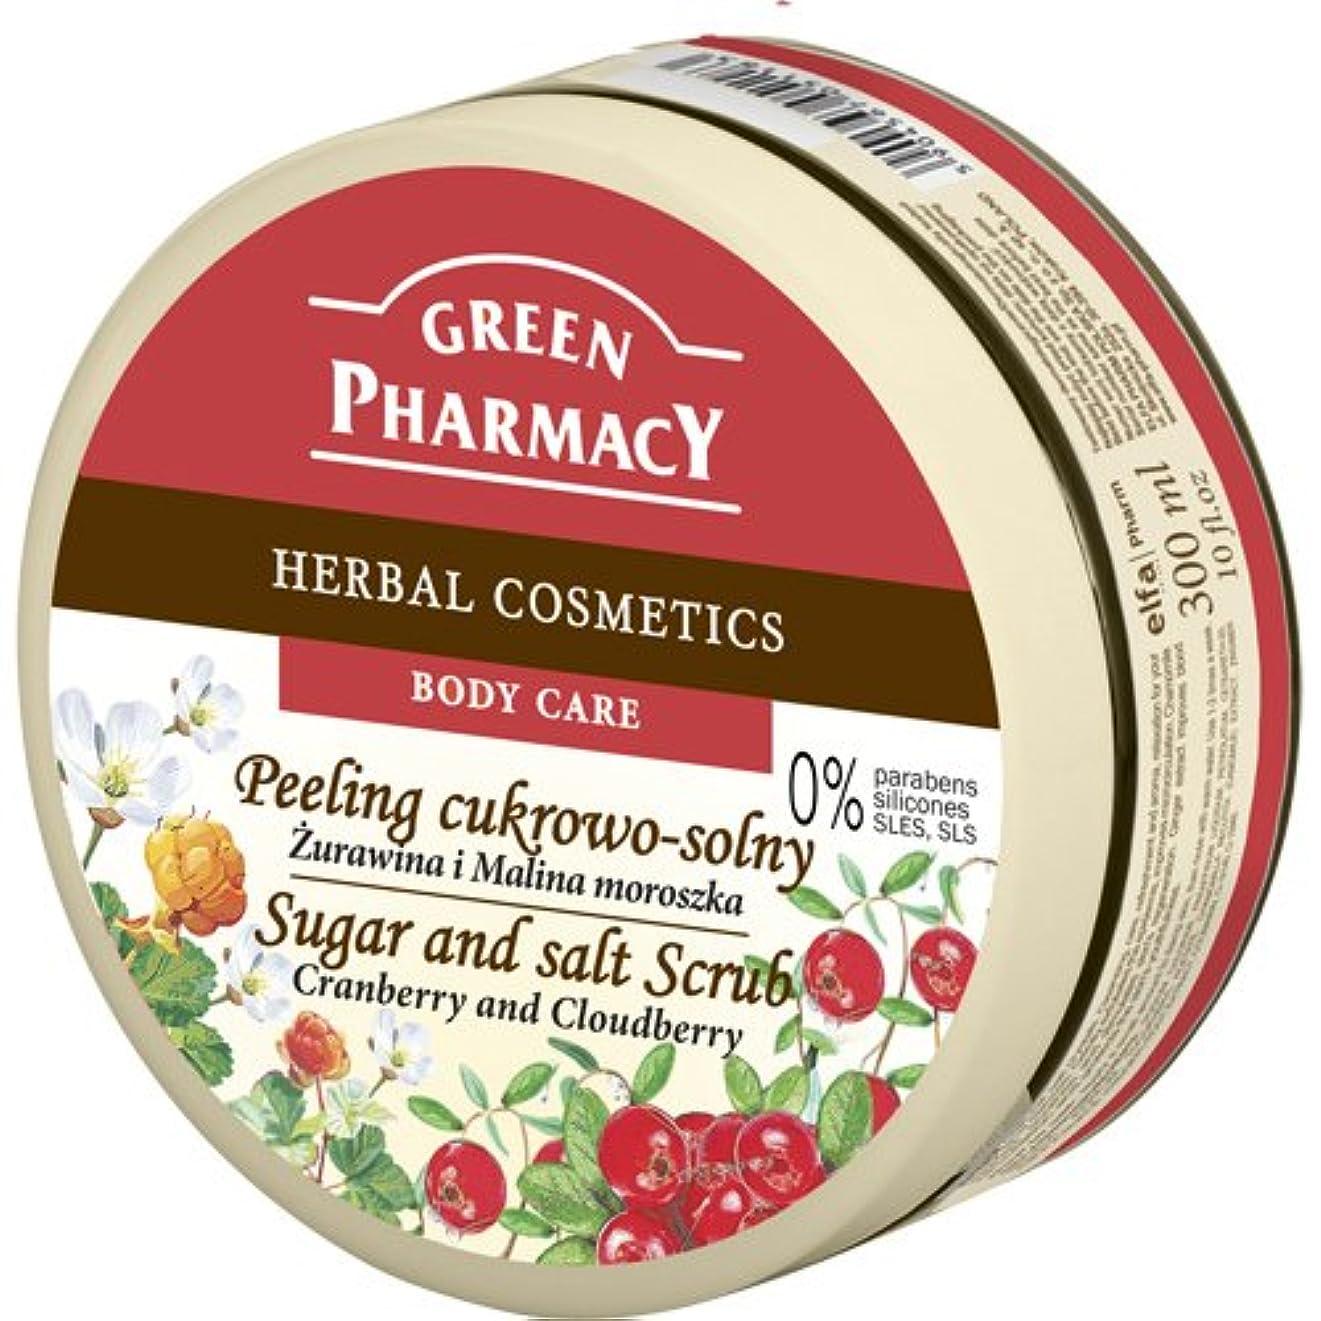 指導する思い出させるサバントElfa Pharm Green Pharmacy シュガー&ソルトスクラブ Cranberry and Cloudberry